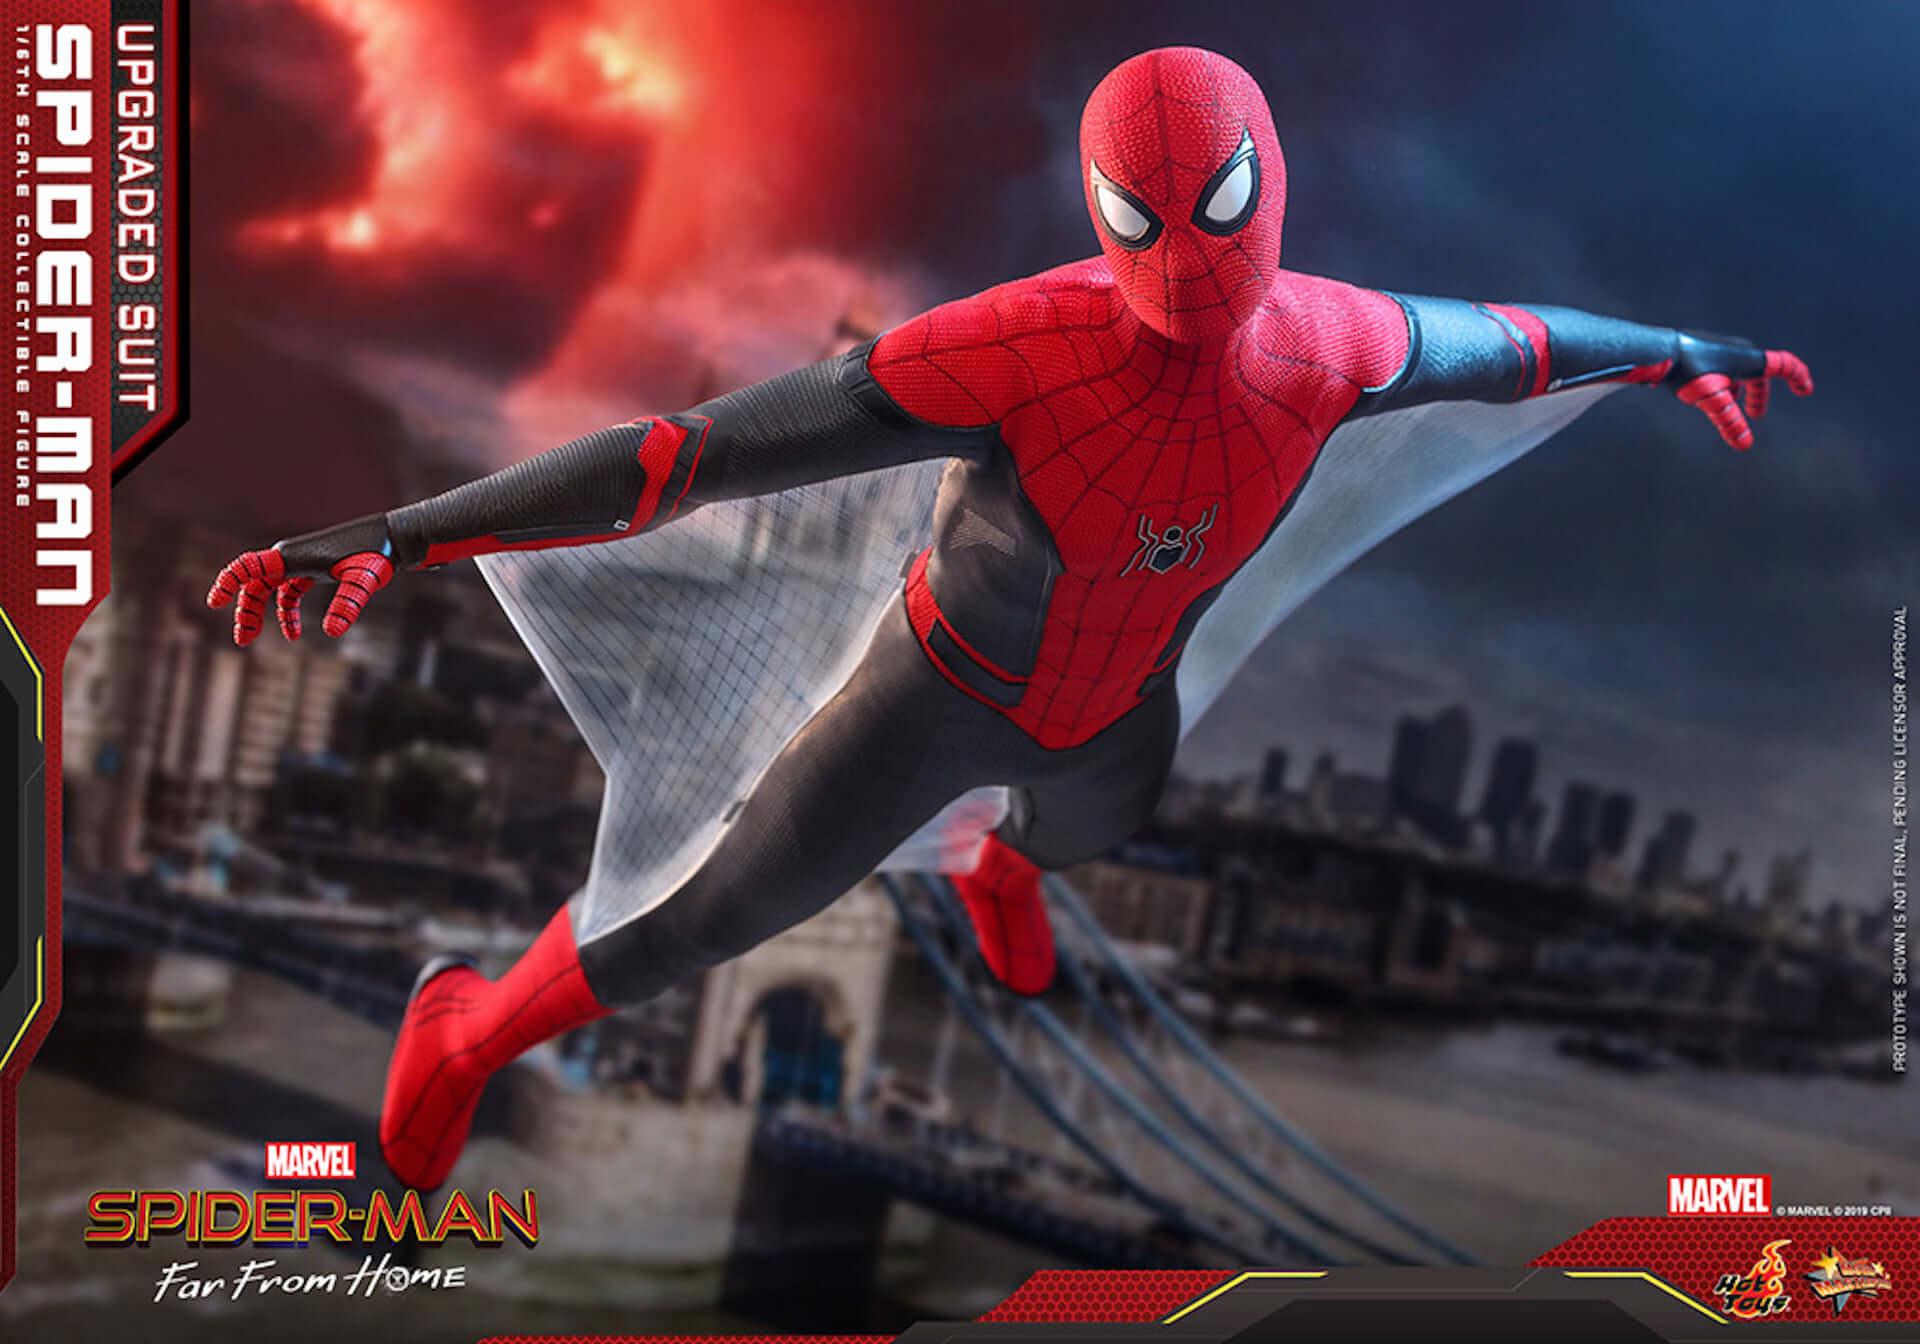 新生スパイダーマン誕生!『スパイダーマン:ファー・フロム・ホーム』のアップグレードスーツが完全フィギュア化 film190702_sffh_upgrade_2-1920x1344